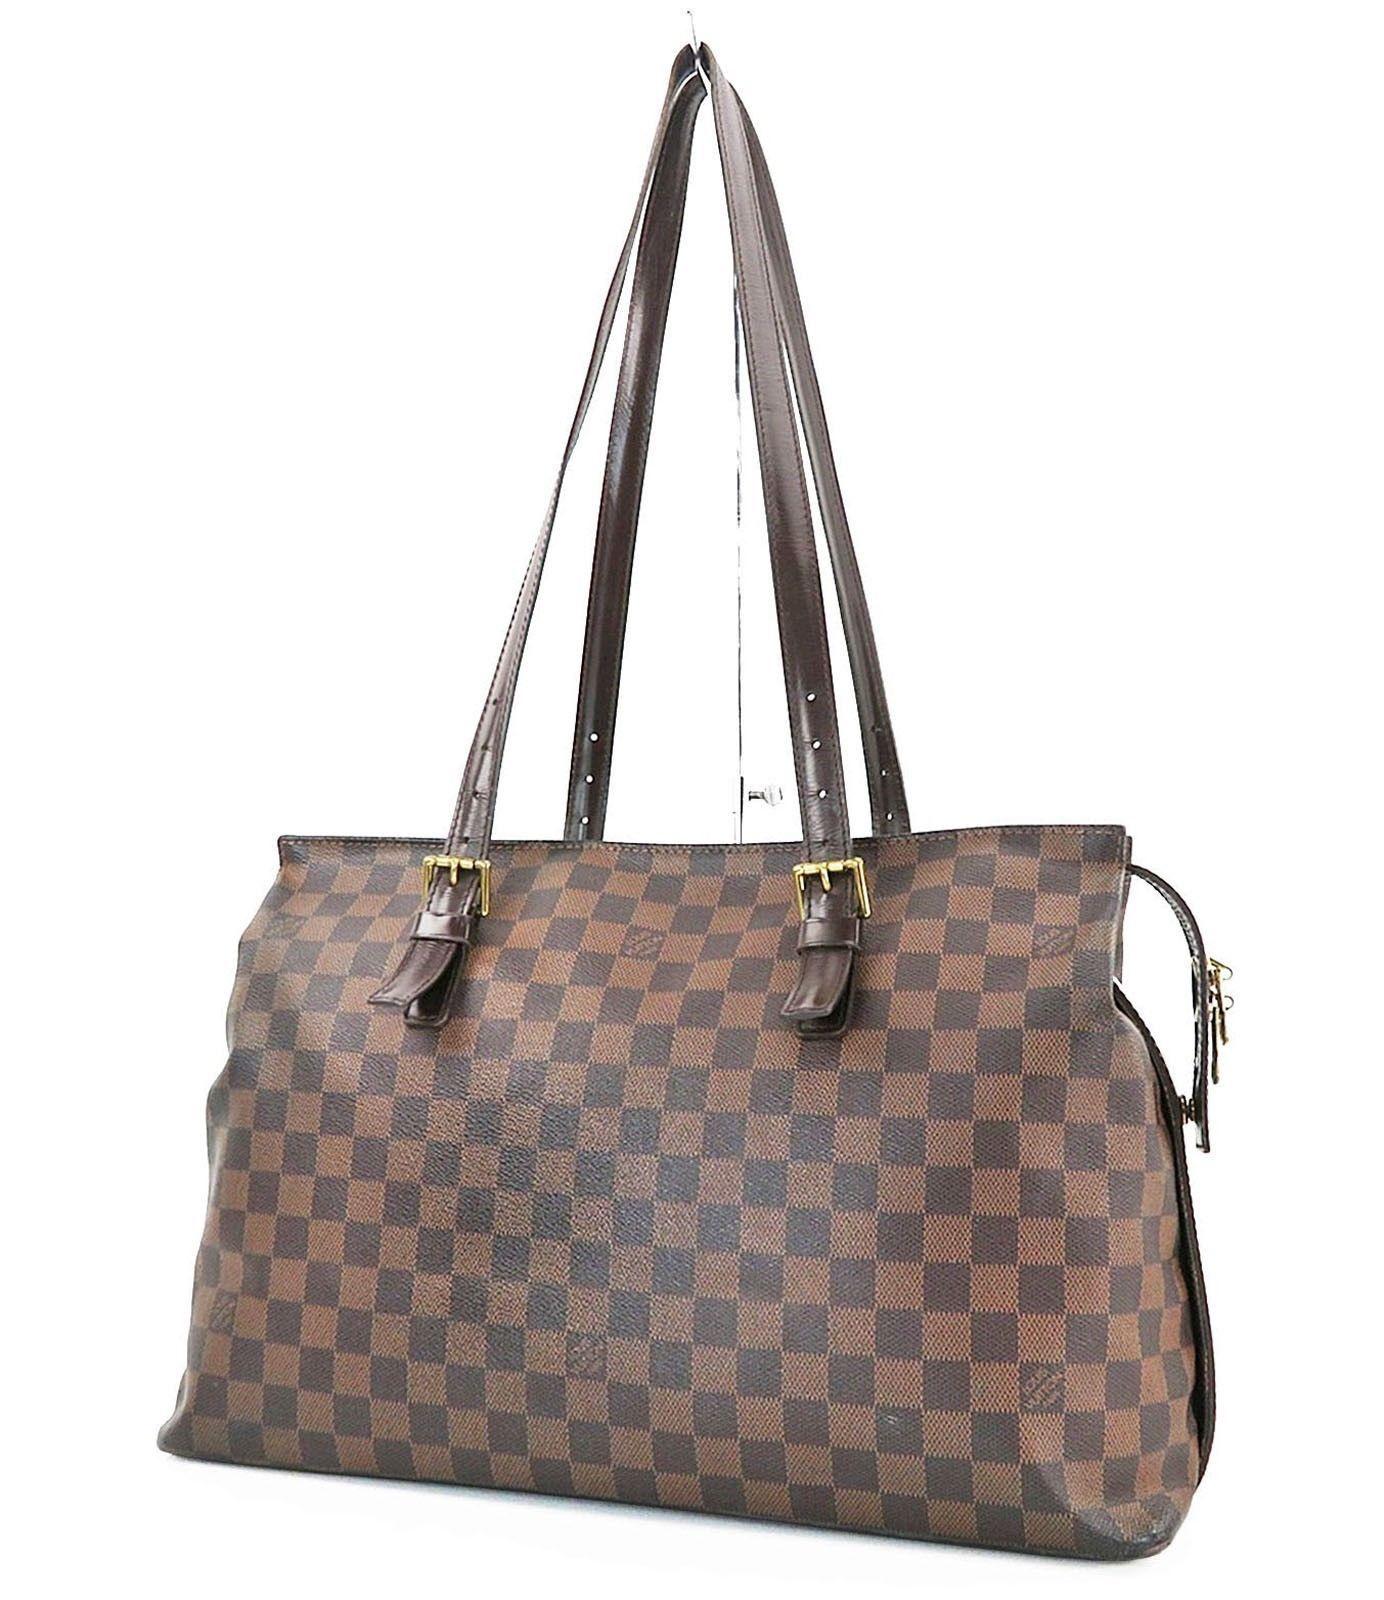 8a6c99ac8bdcd Authentic LOUIS VUITTON Chelsea Damier Ebene Tote Shoulder Bag Purse  27725